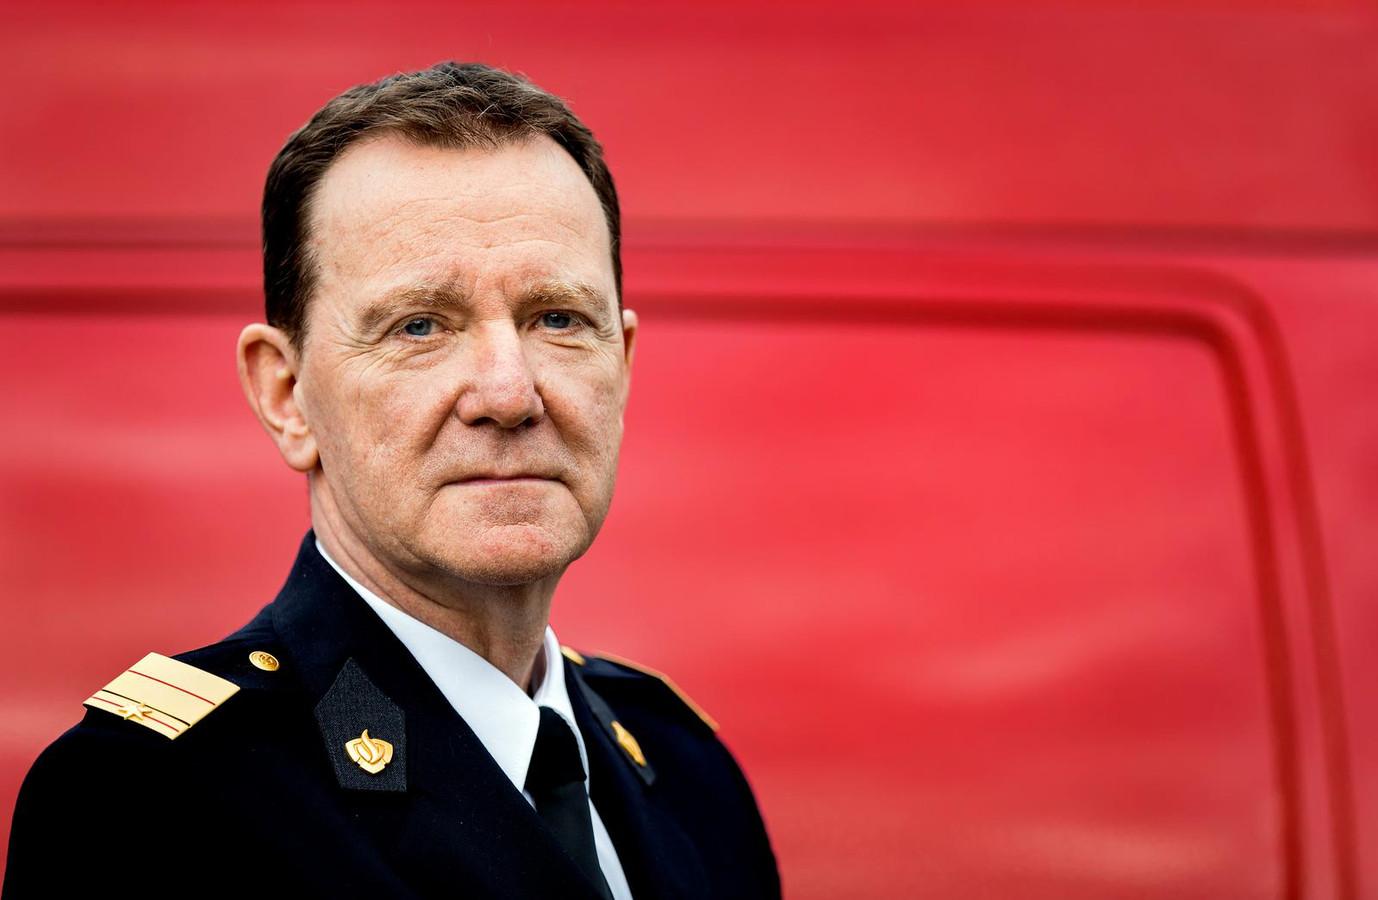 Het vertrouwen in Leen Schaap, commandant brandweer Amsterdam-Amstelland, is opgezegd.